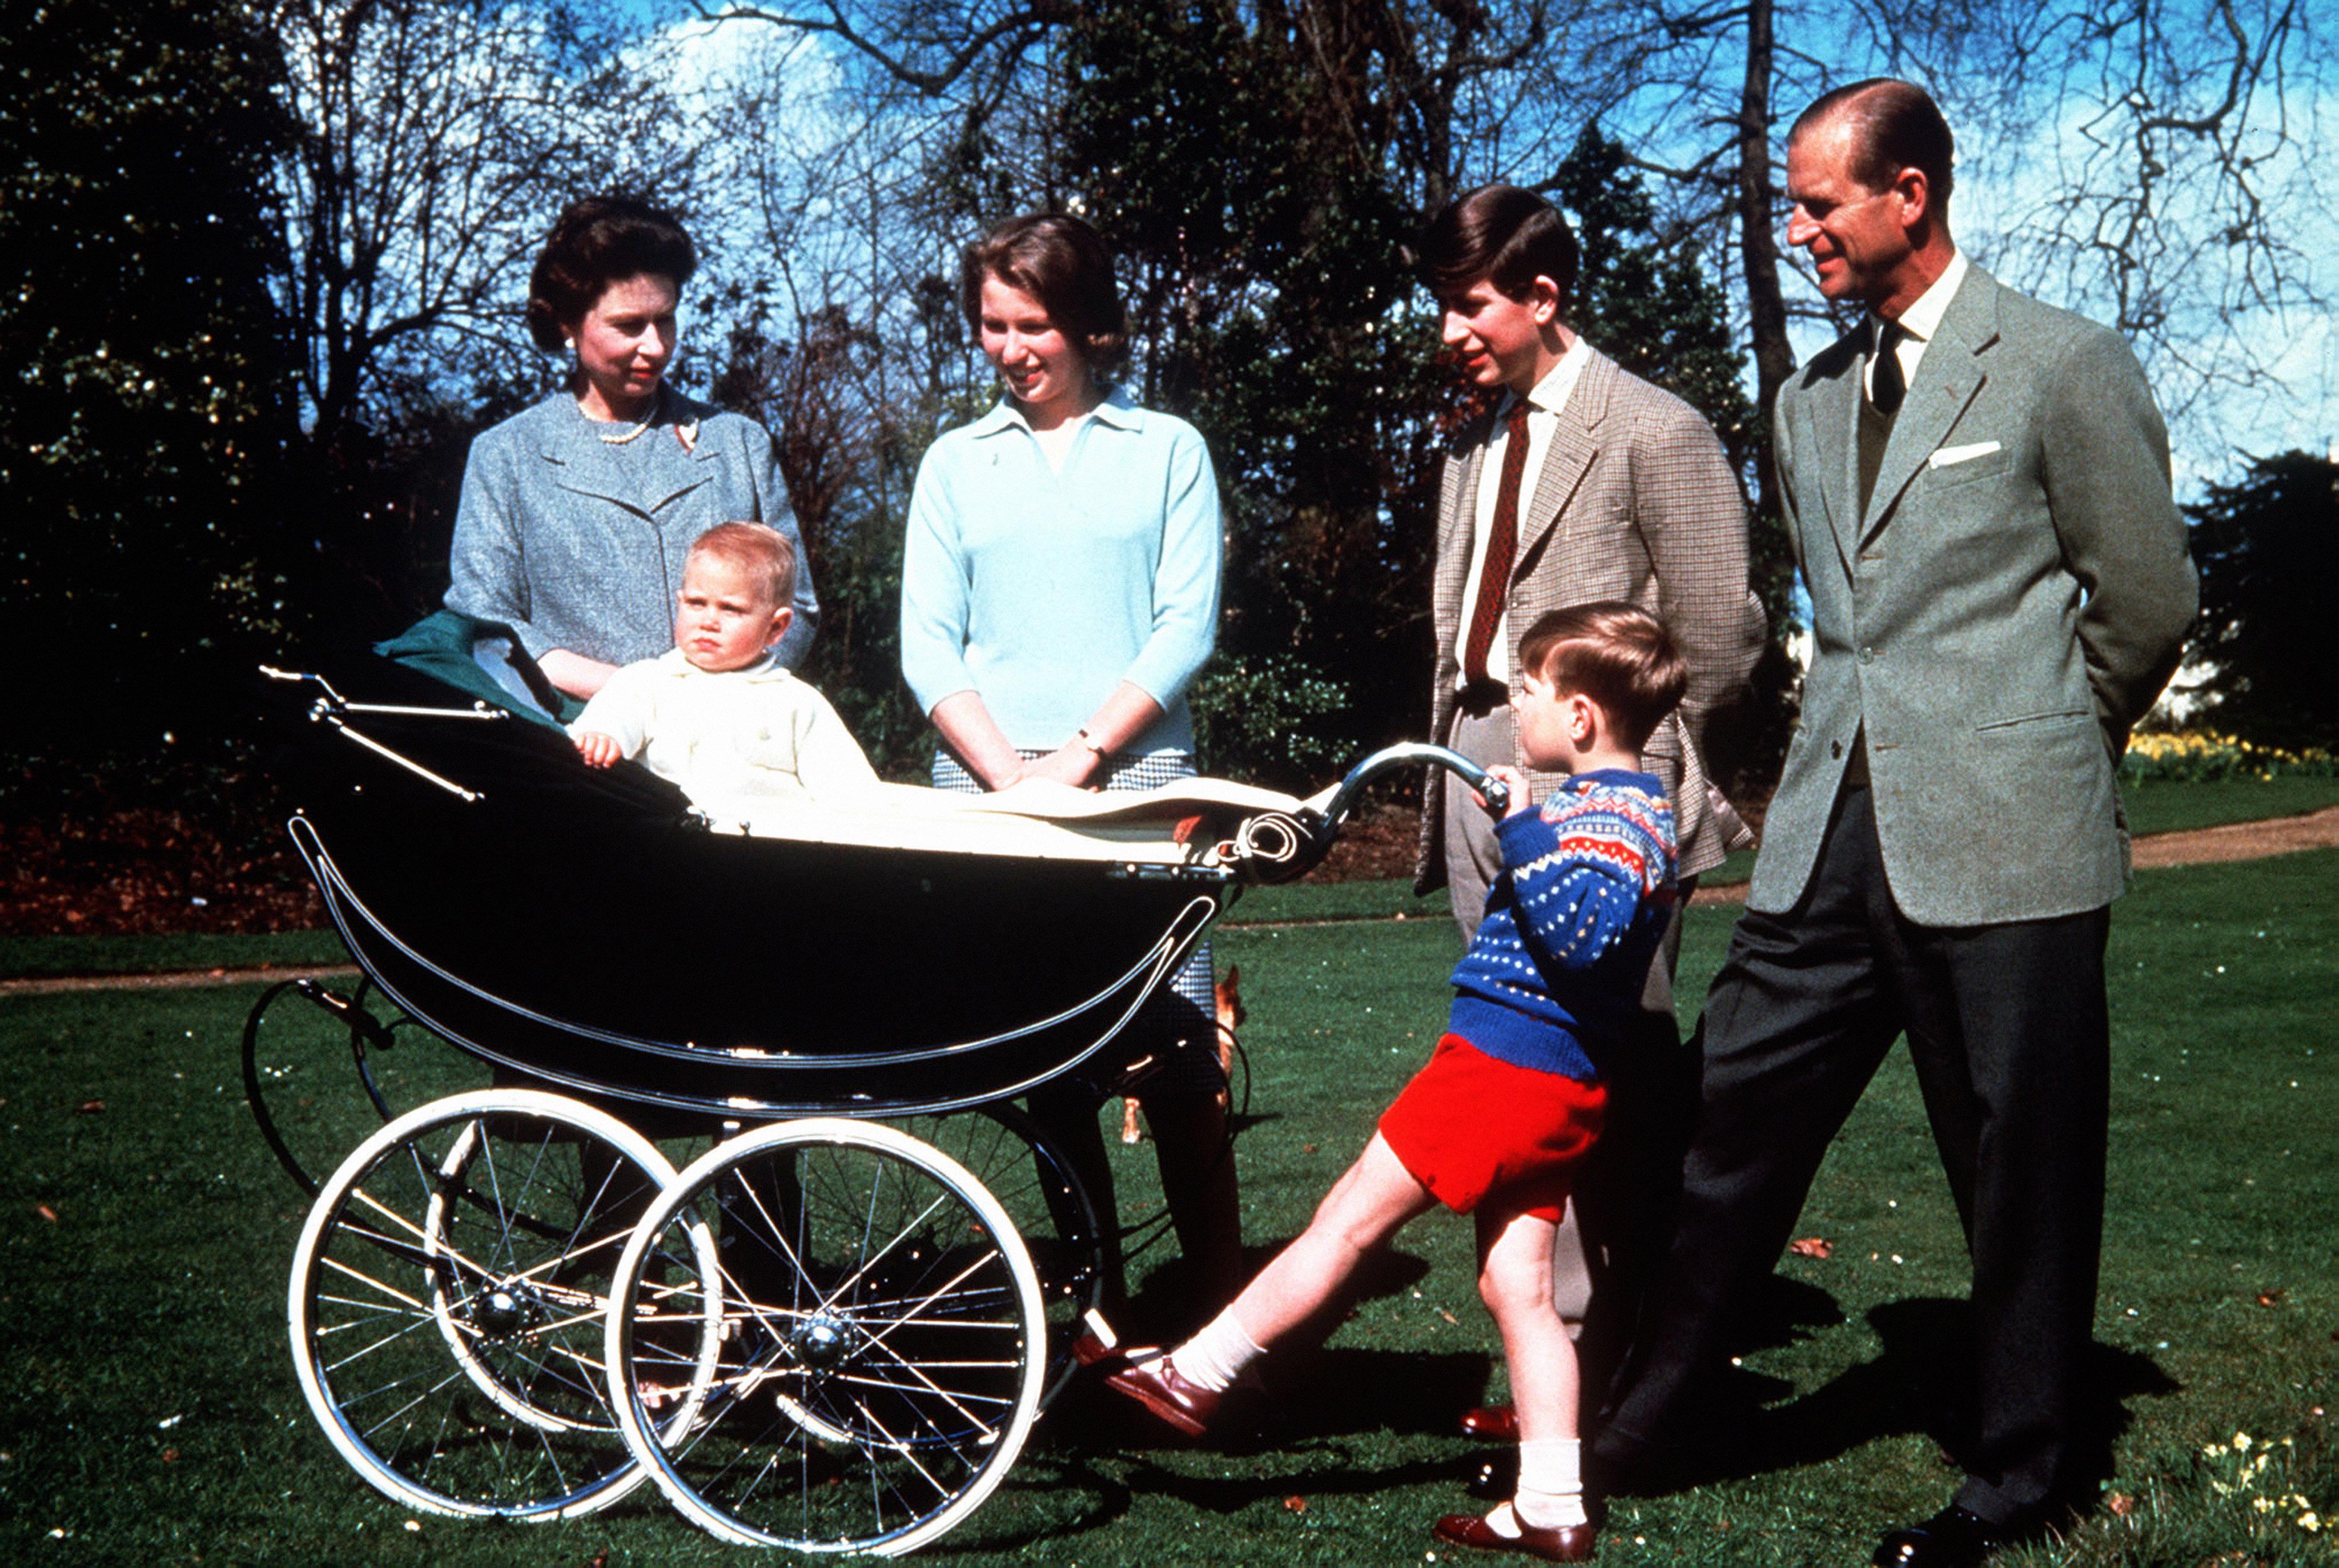 ظل يرتدي الحذاء منذ زواجه لغاية وفاته في المناسبات الخاصة والعامة الهامة-الصورة من موقع العائلة المالكة